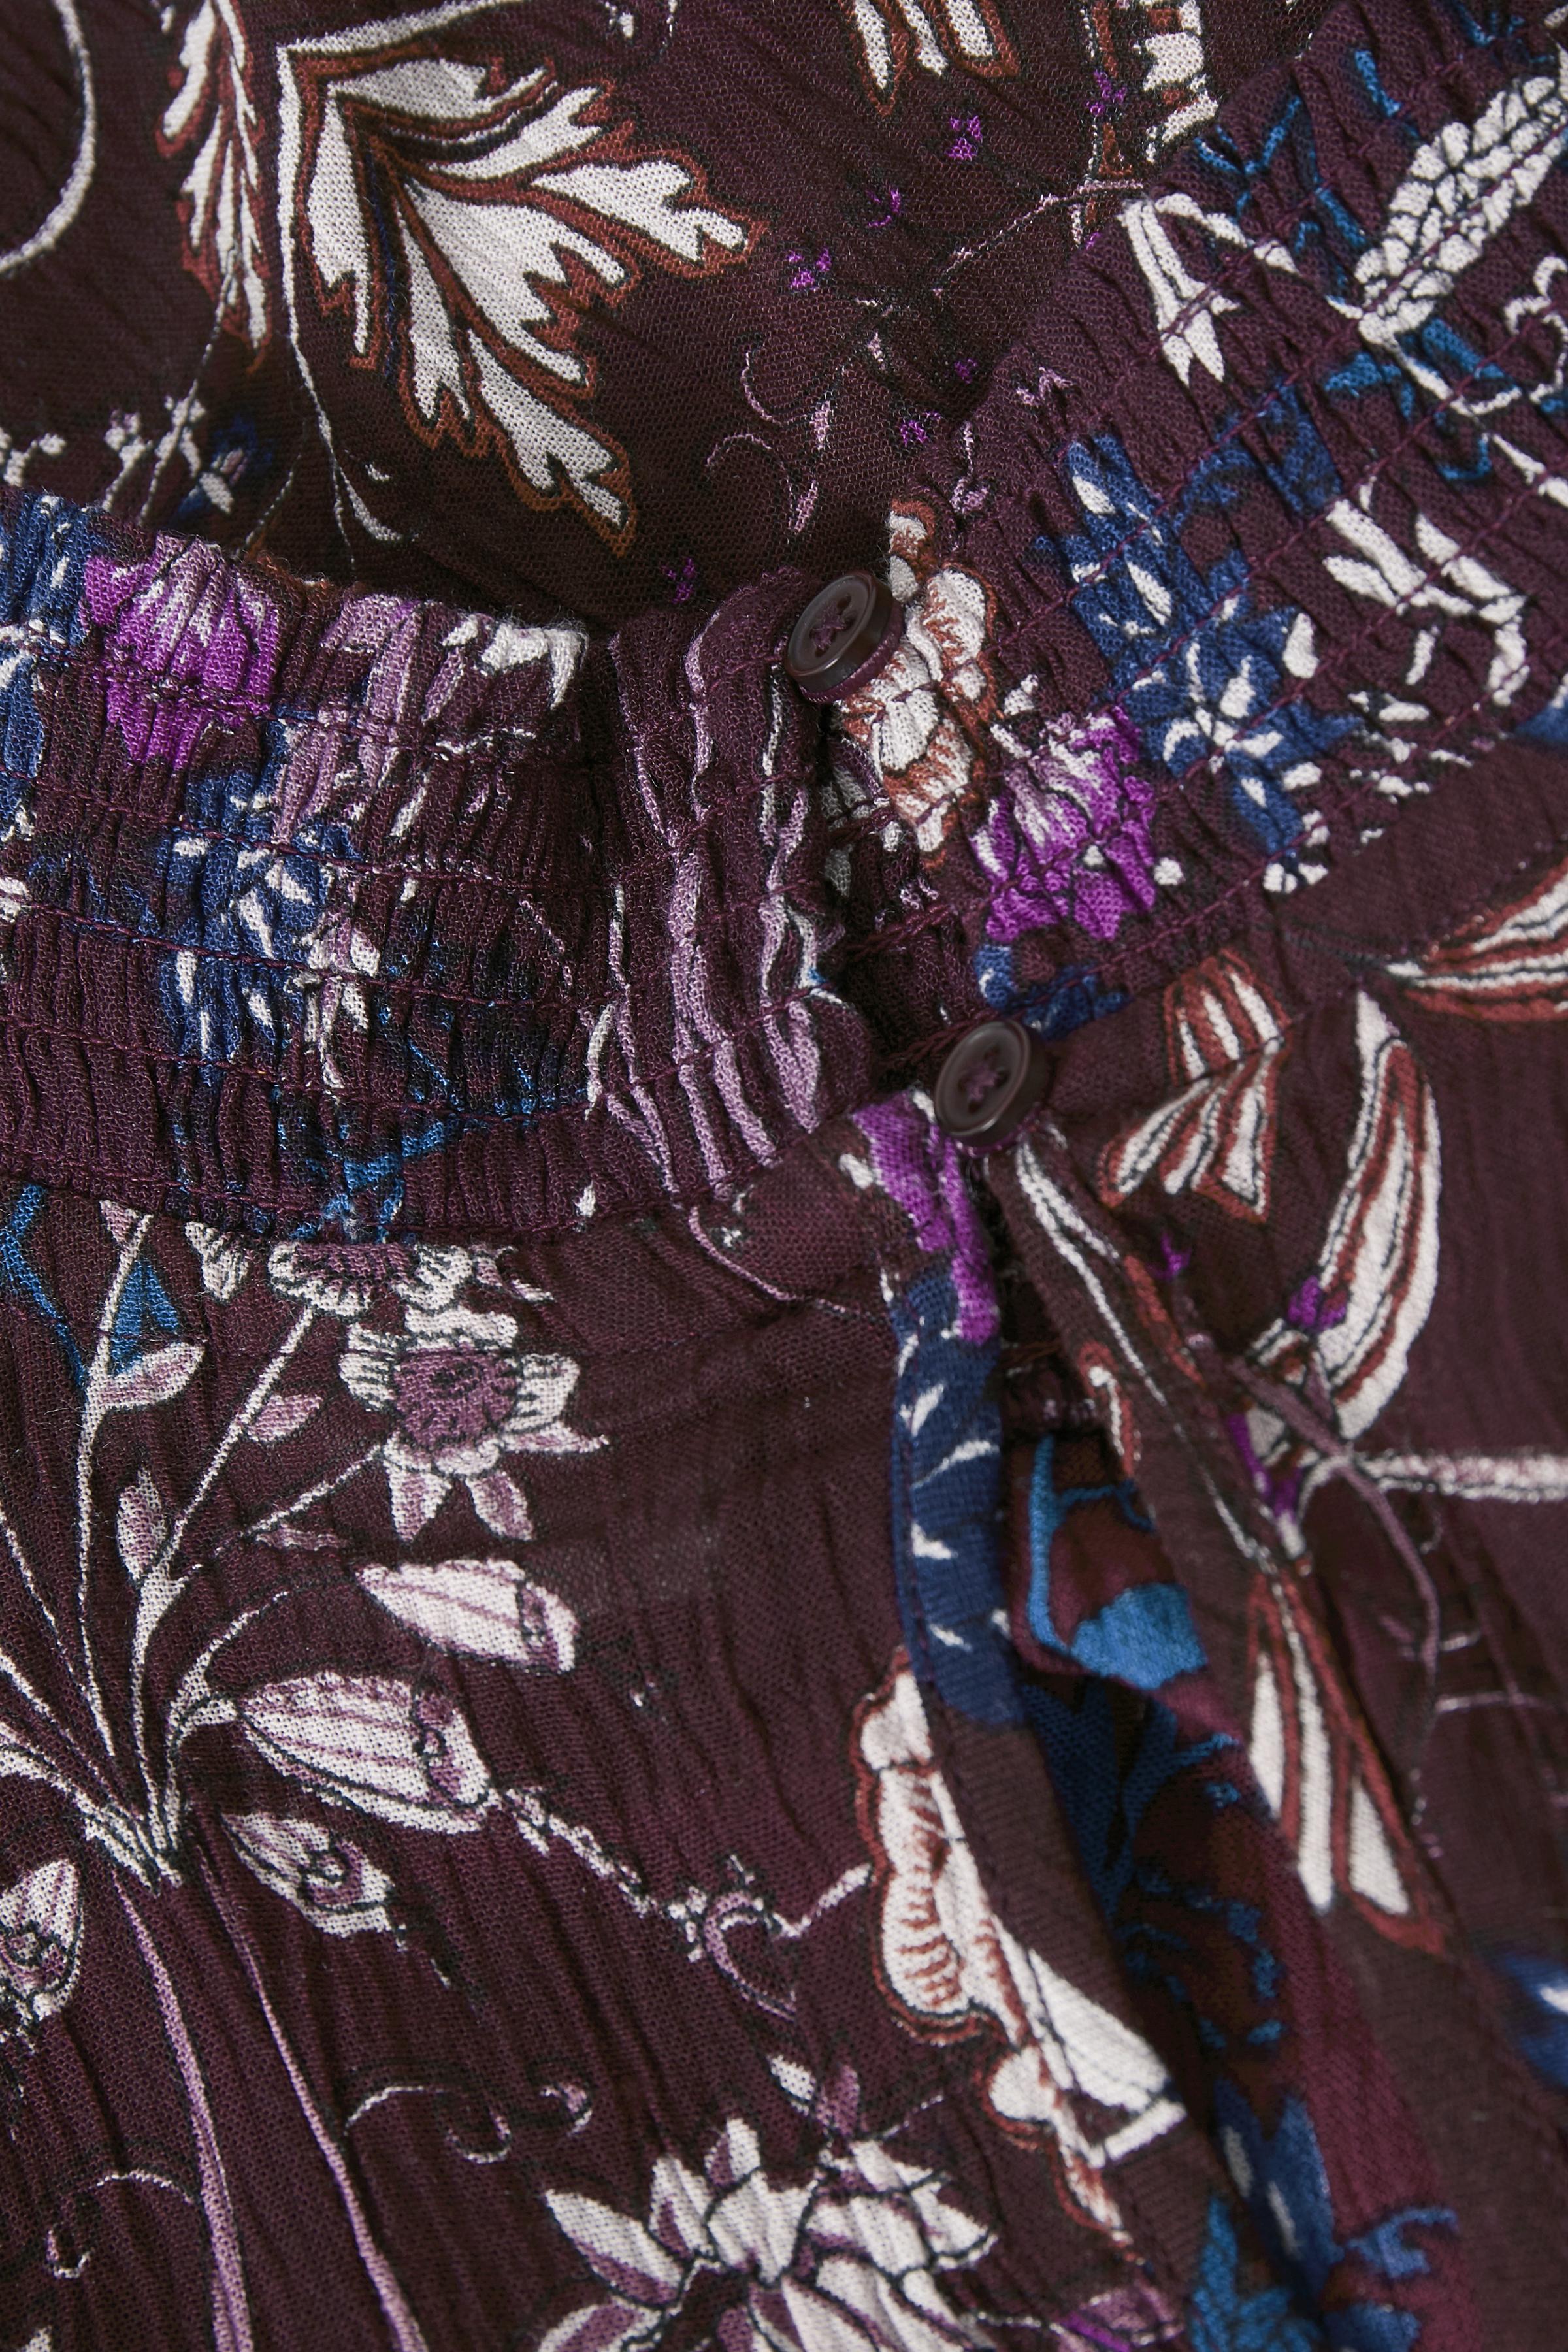 Bordeaux/wollweiß Kleid von Kaffe – Shoppen Sie Bordeaux/wollweiß Kleid ab Gr. 34-46 hier